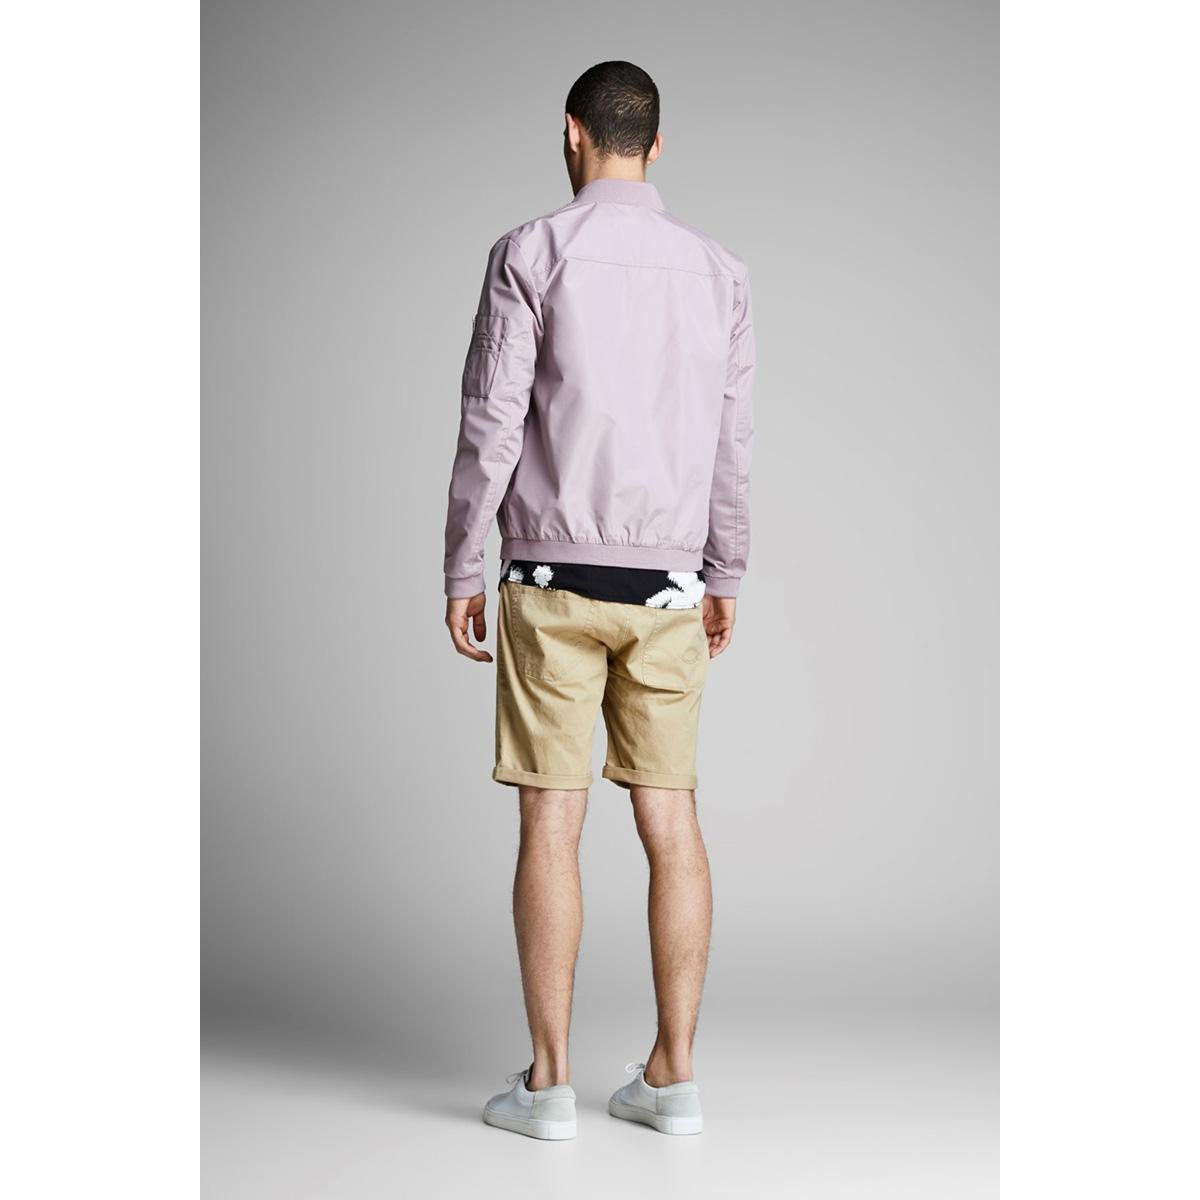 jjirick jjoriginal shorts ww 01 12146165 jack & jones korte broek white pepper